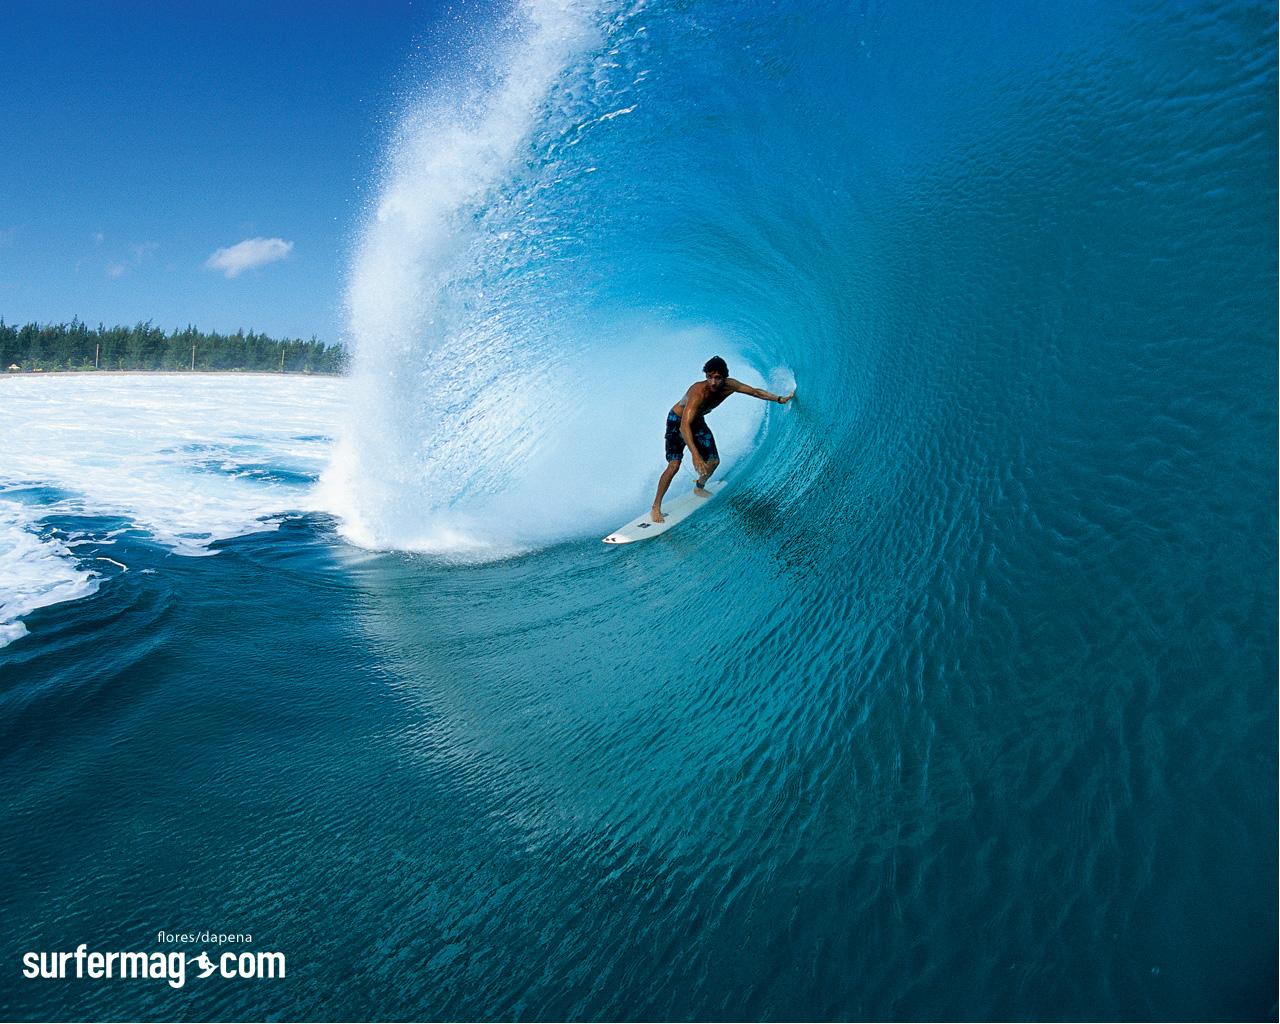 fotos de surf Surf Veja mais papis de1280  EN TABLA DE SURF1600 1280x1024